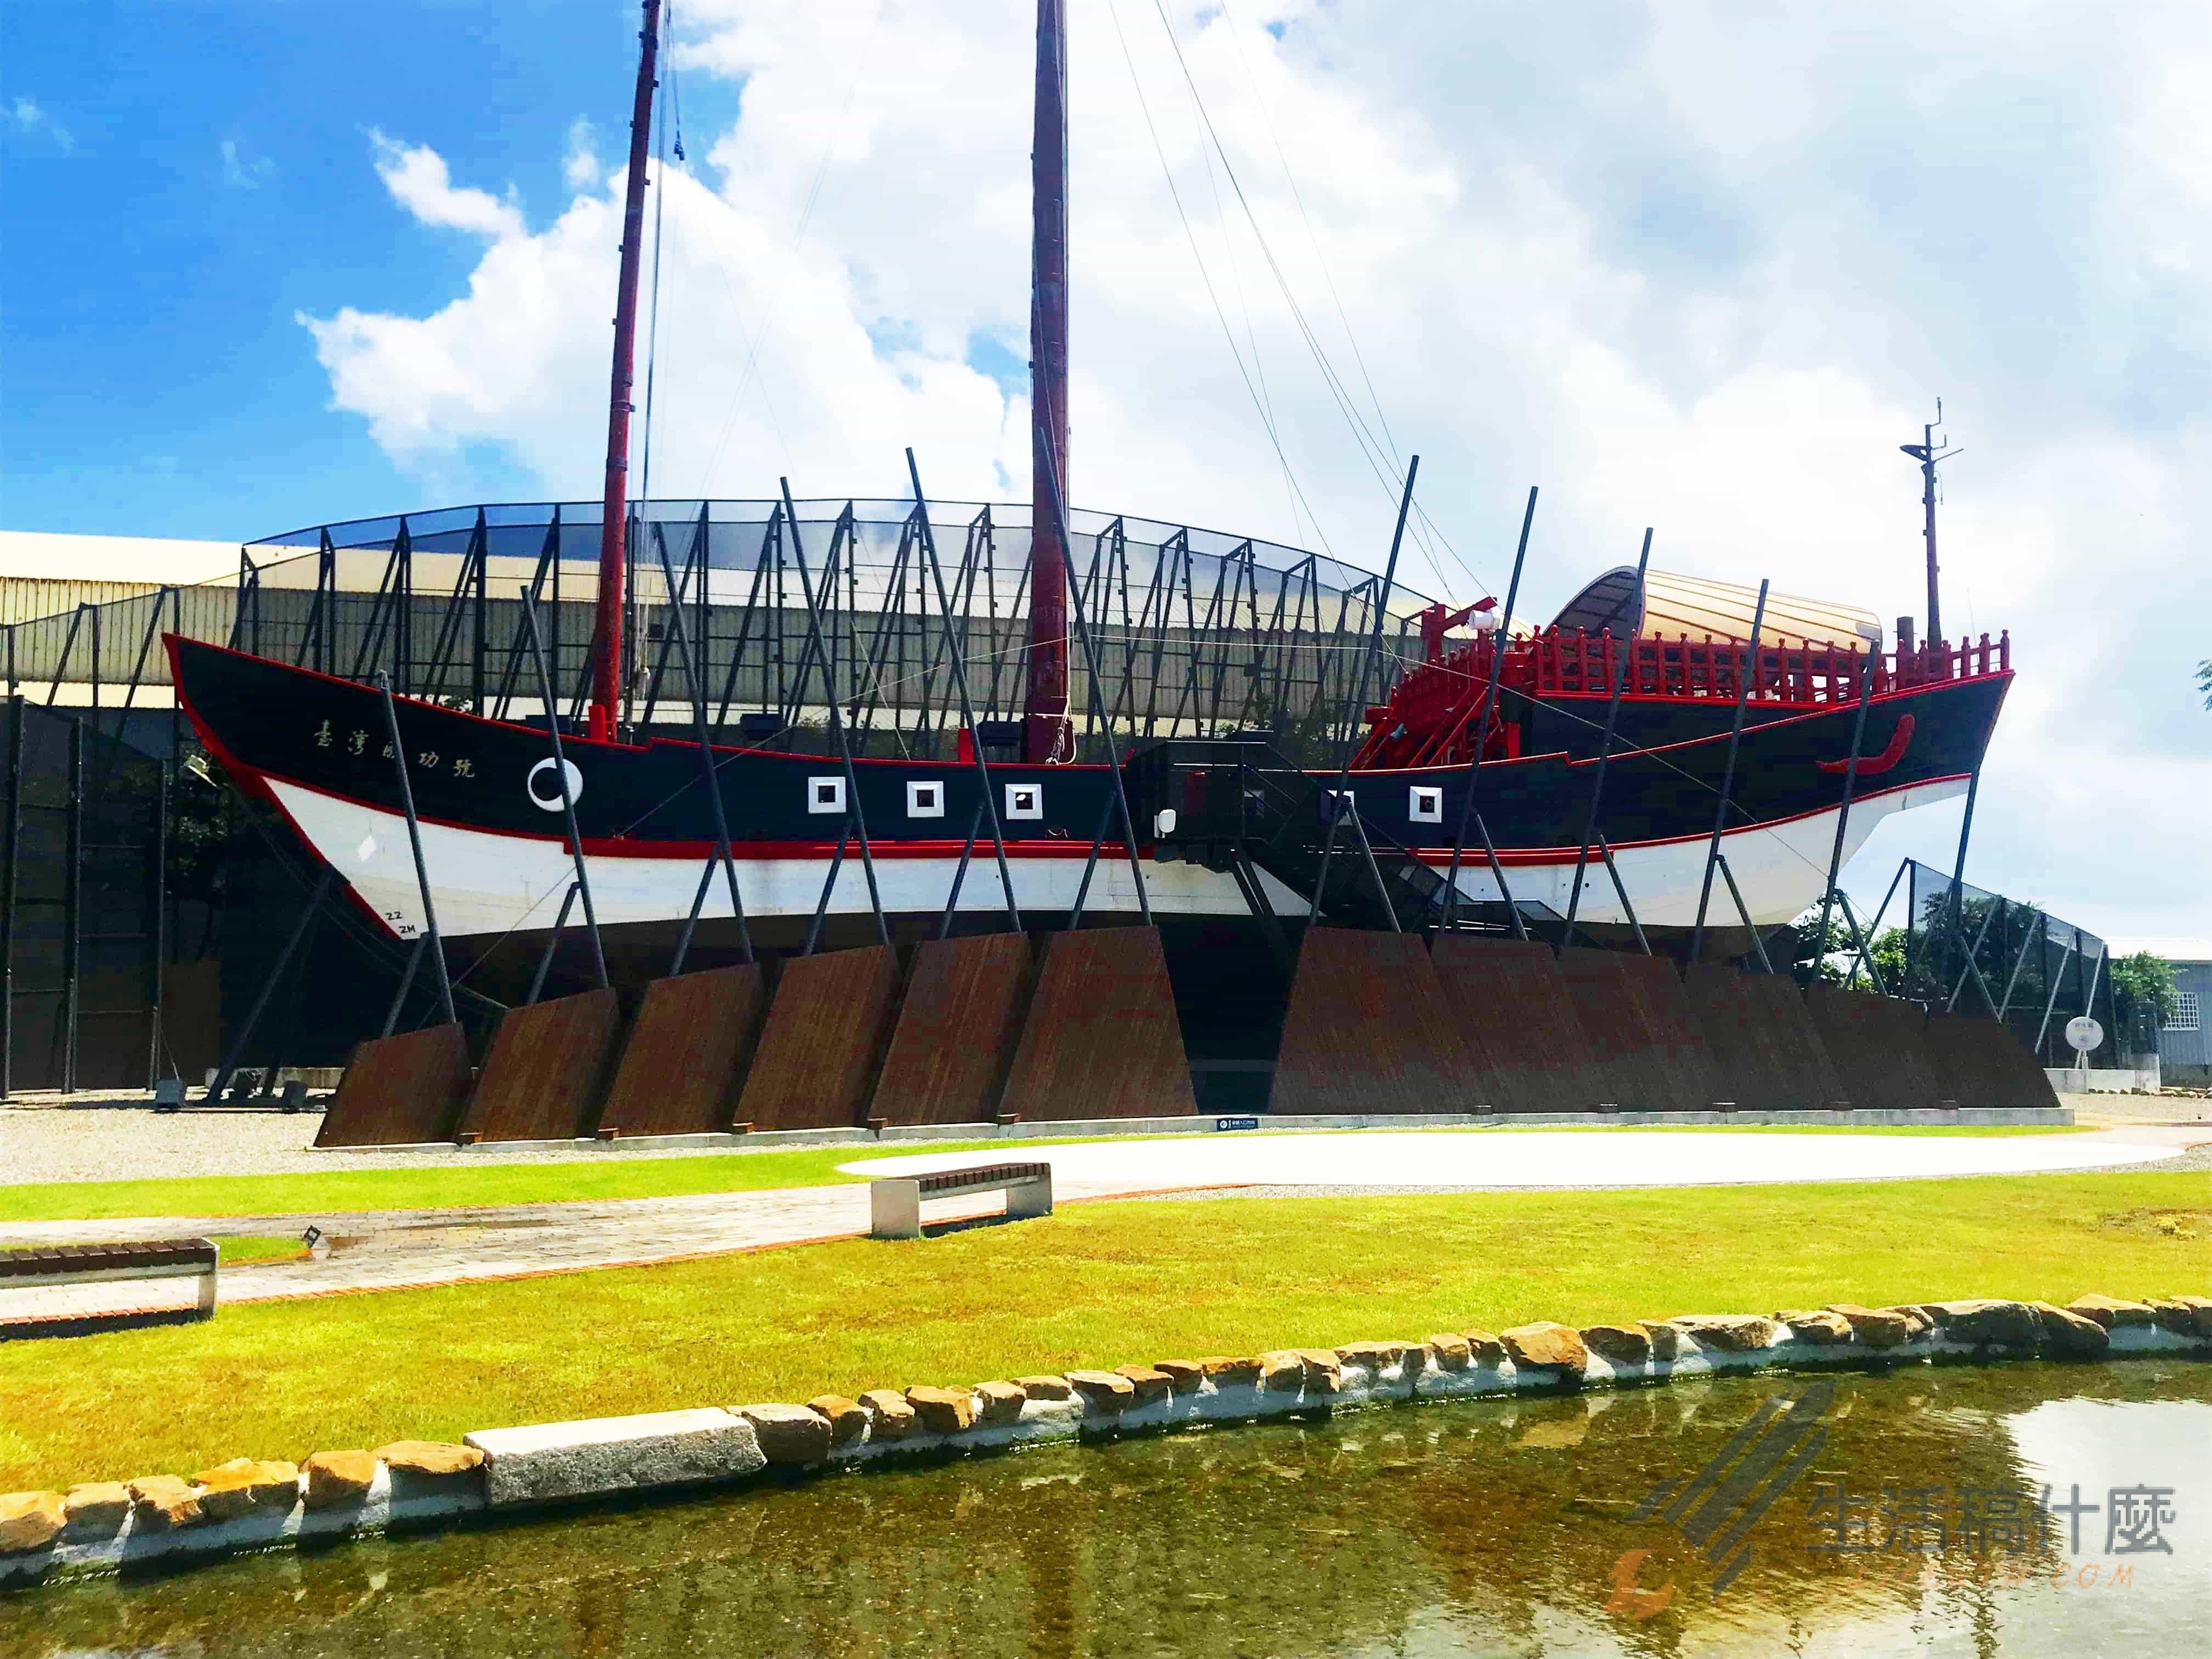 台南安平新景點 | 1661臺灣船園區大航海時代古船成功號